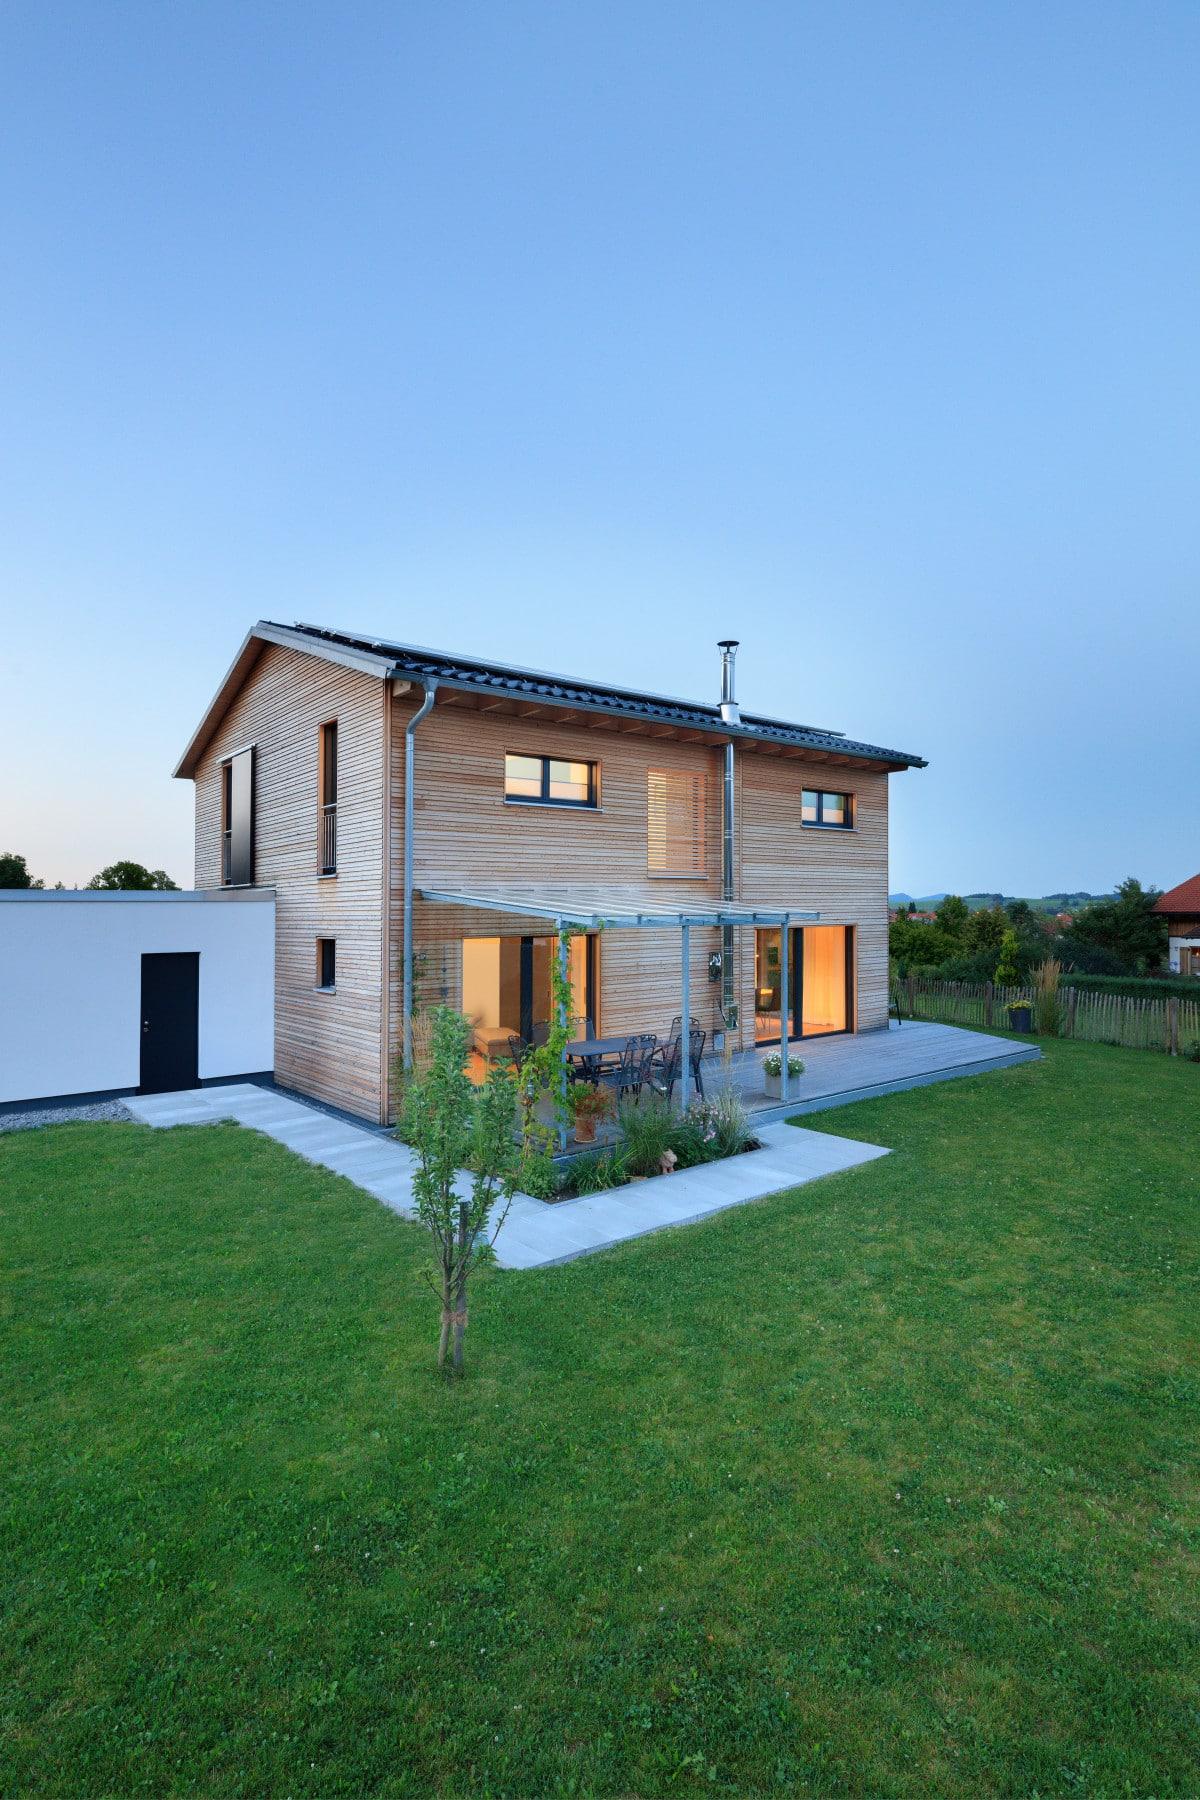 Holzhaus modern bauen Einfamilienhaus mit Satteldach & Holz Fassade - Haus Design Ideen Fertighaus Ökohaus Schneider / Baufritz - HausbauDirekt.de